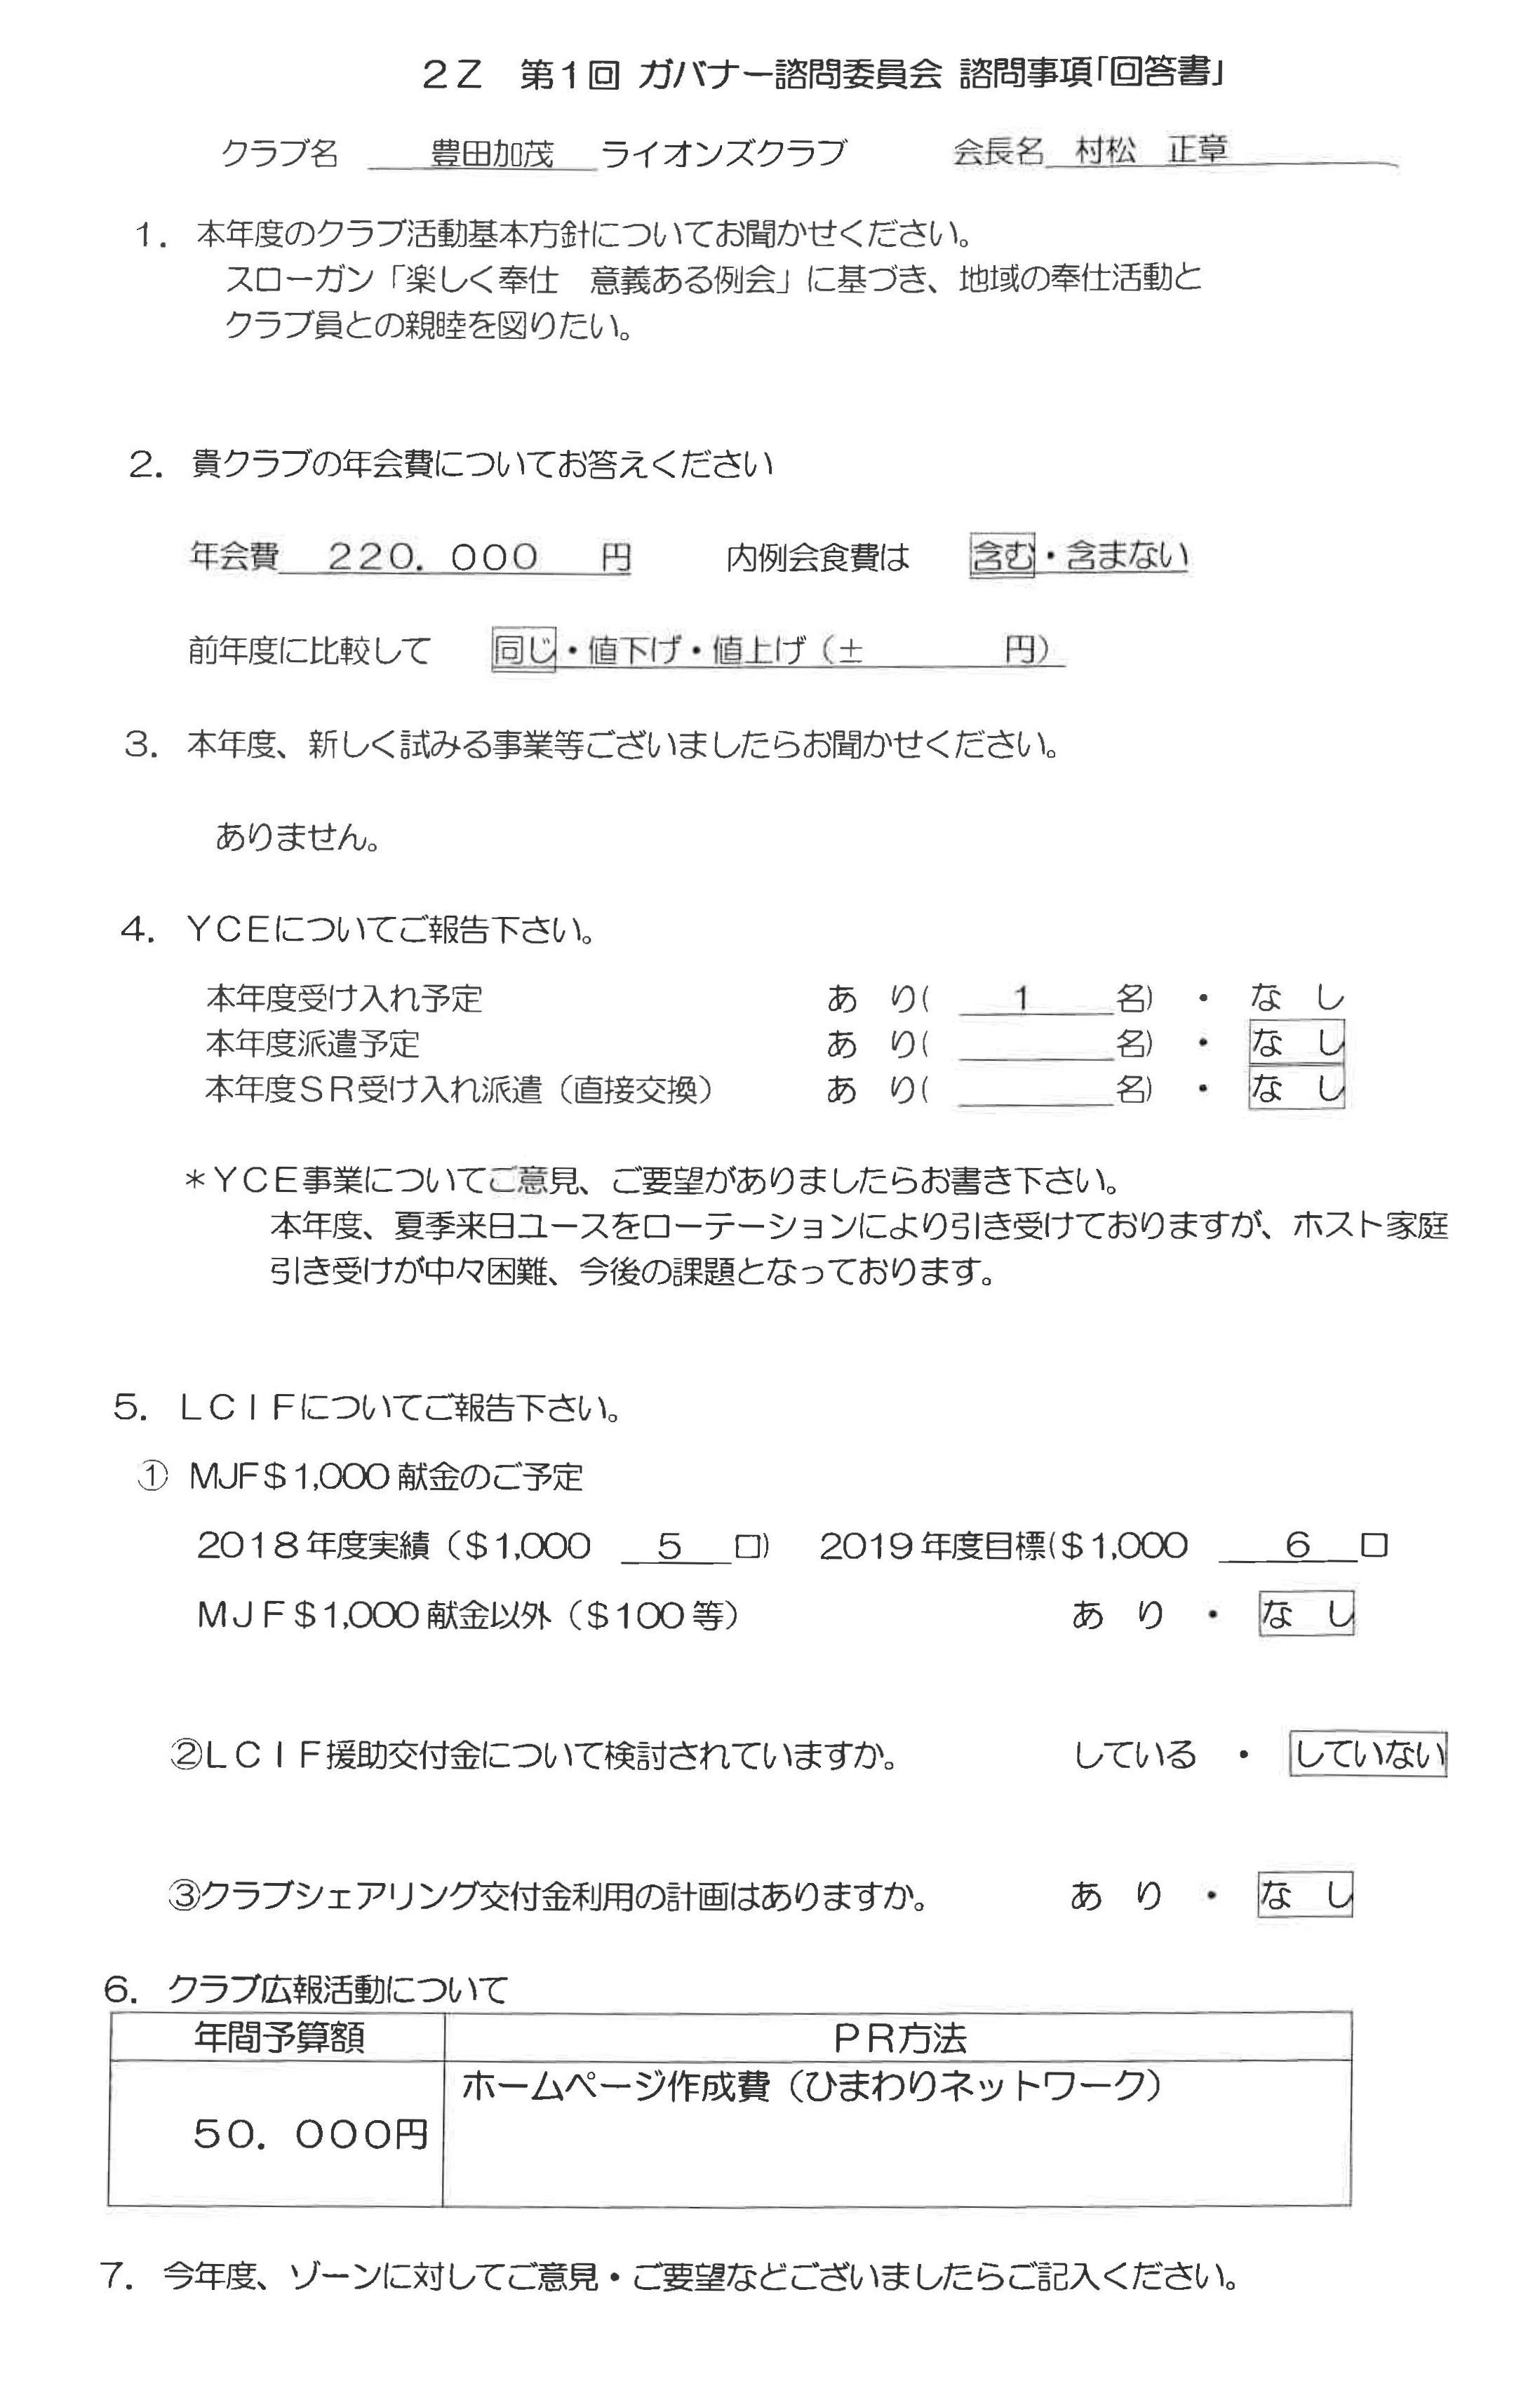 08第1回G諮問委員会Z会議 豊田加茂LC諮問事項(回答書)1